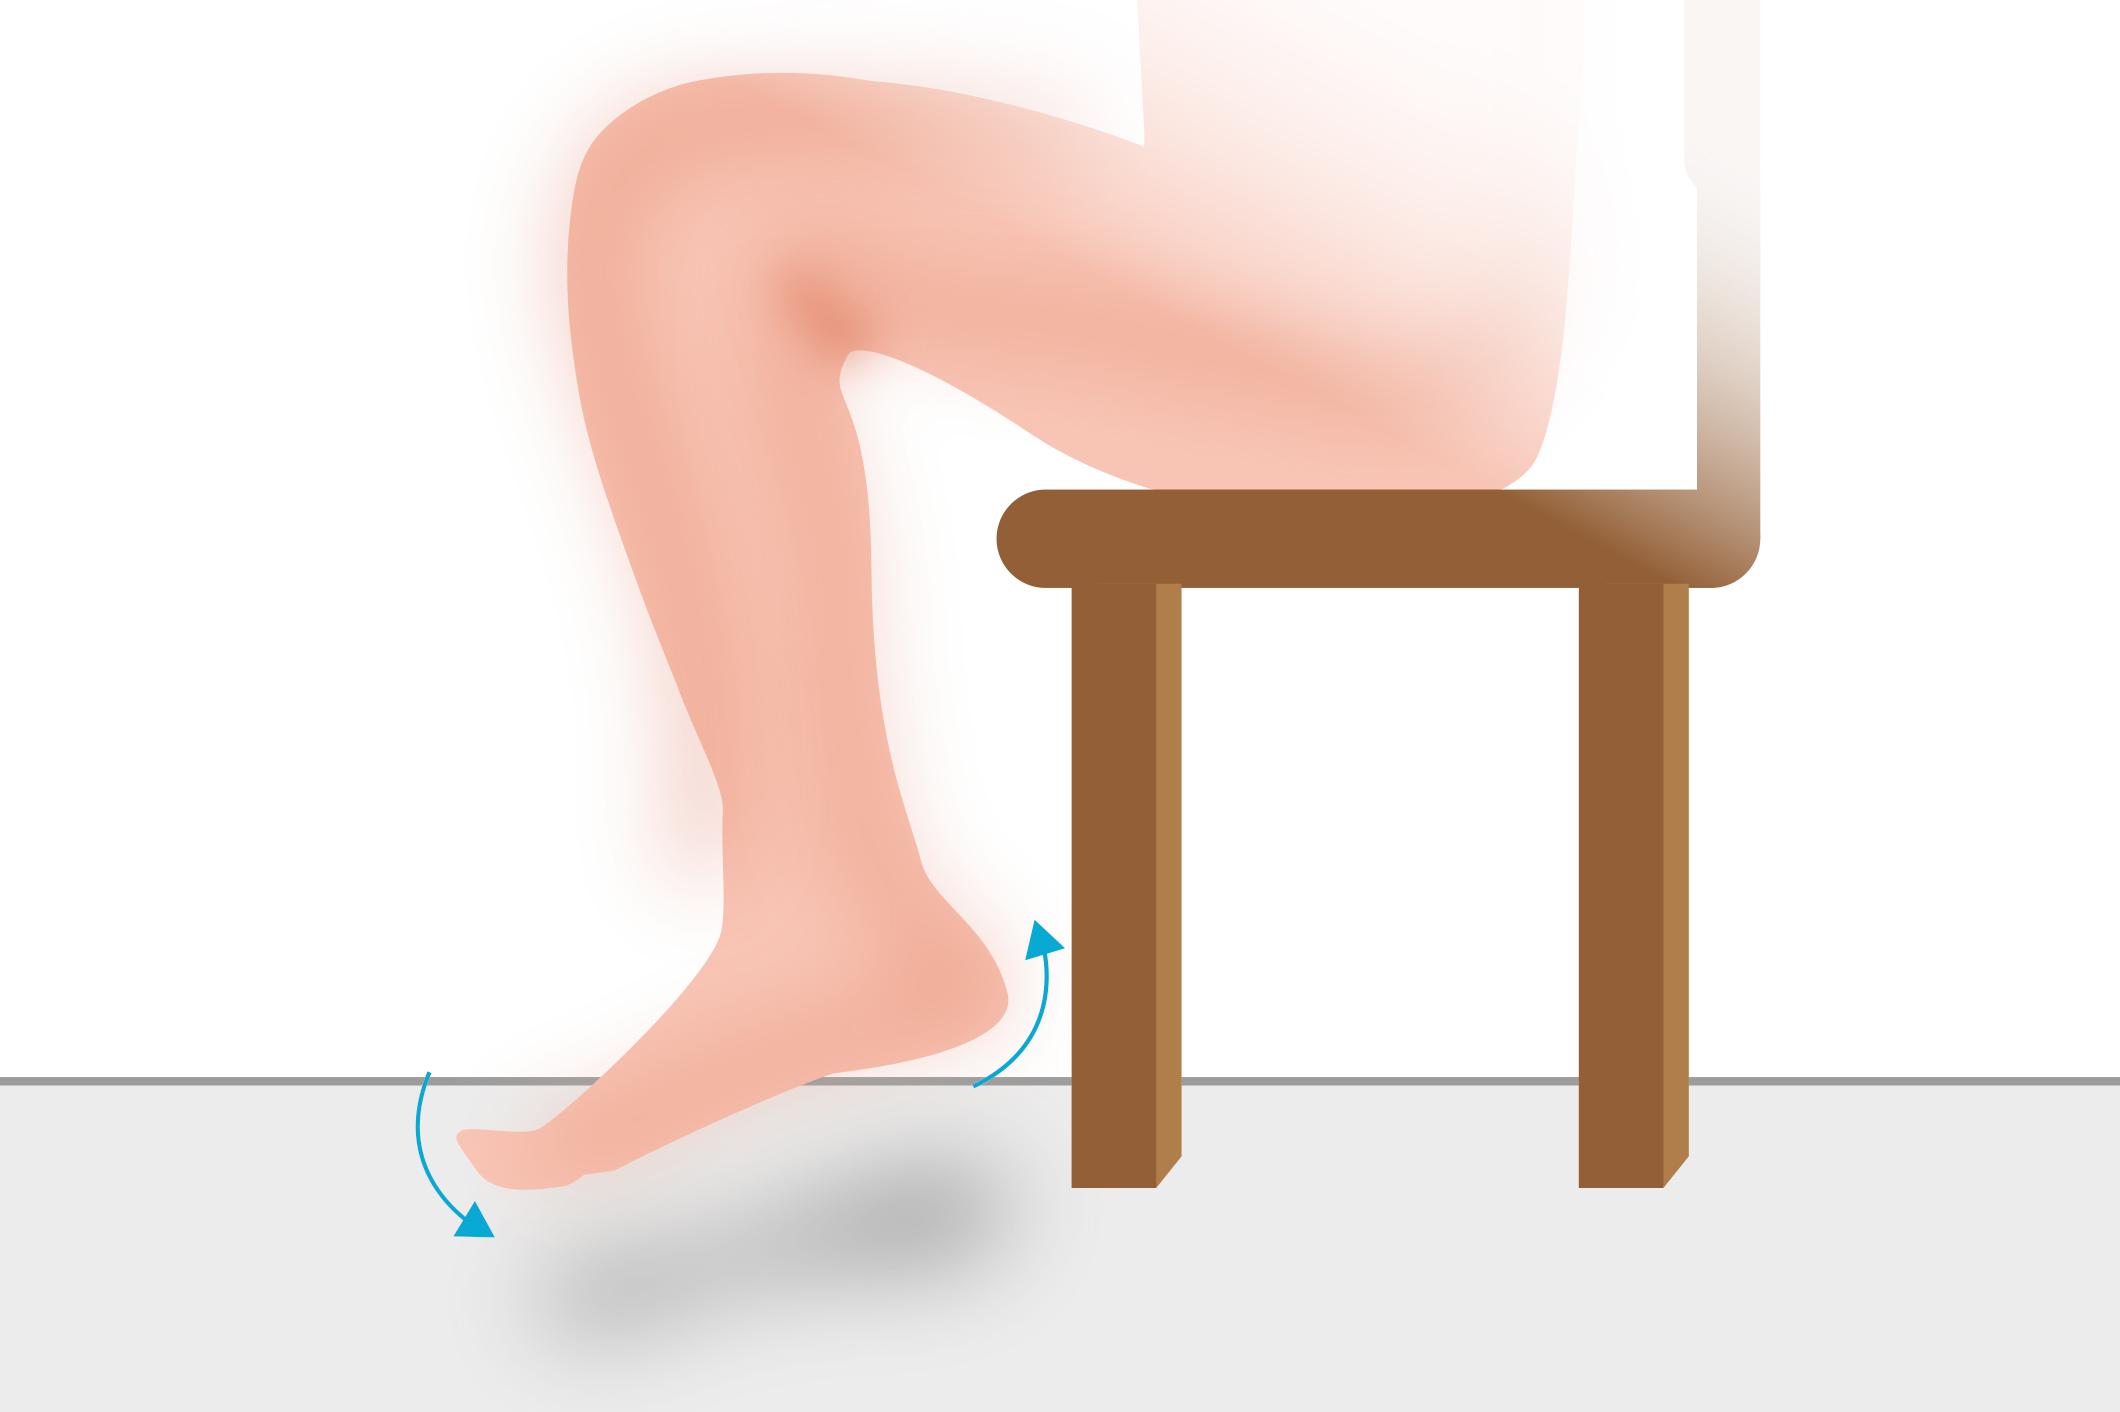 Fußwippe-Thromboseübung Schritt 2